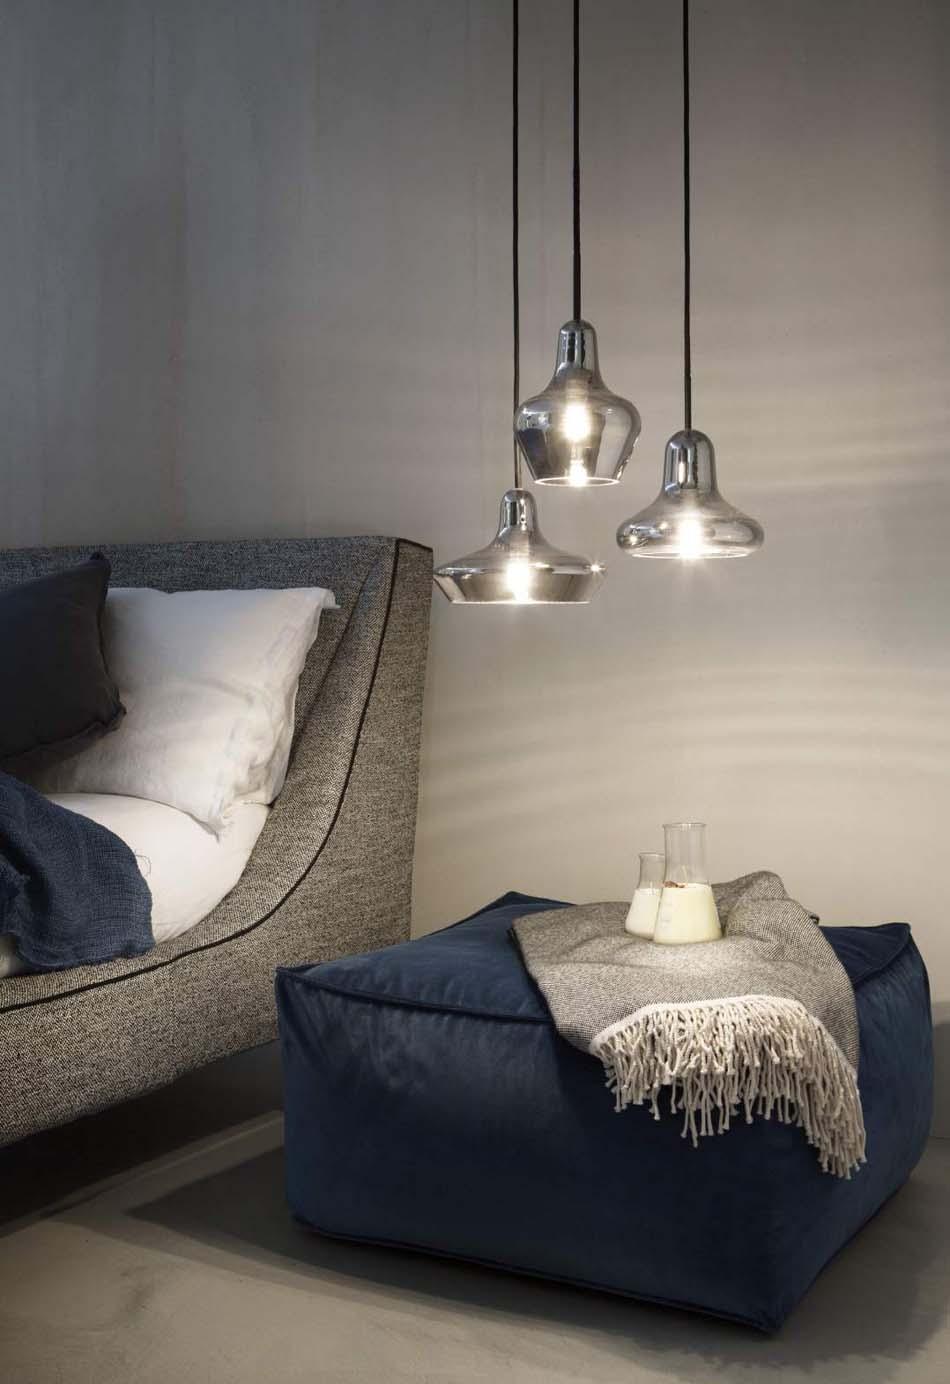 Lampade sospensione Ideal Lux lido – Bruni Arredamenti